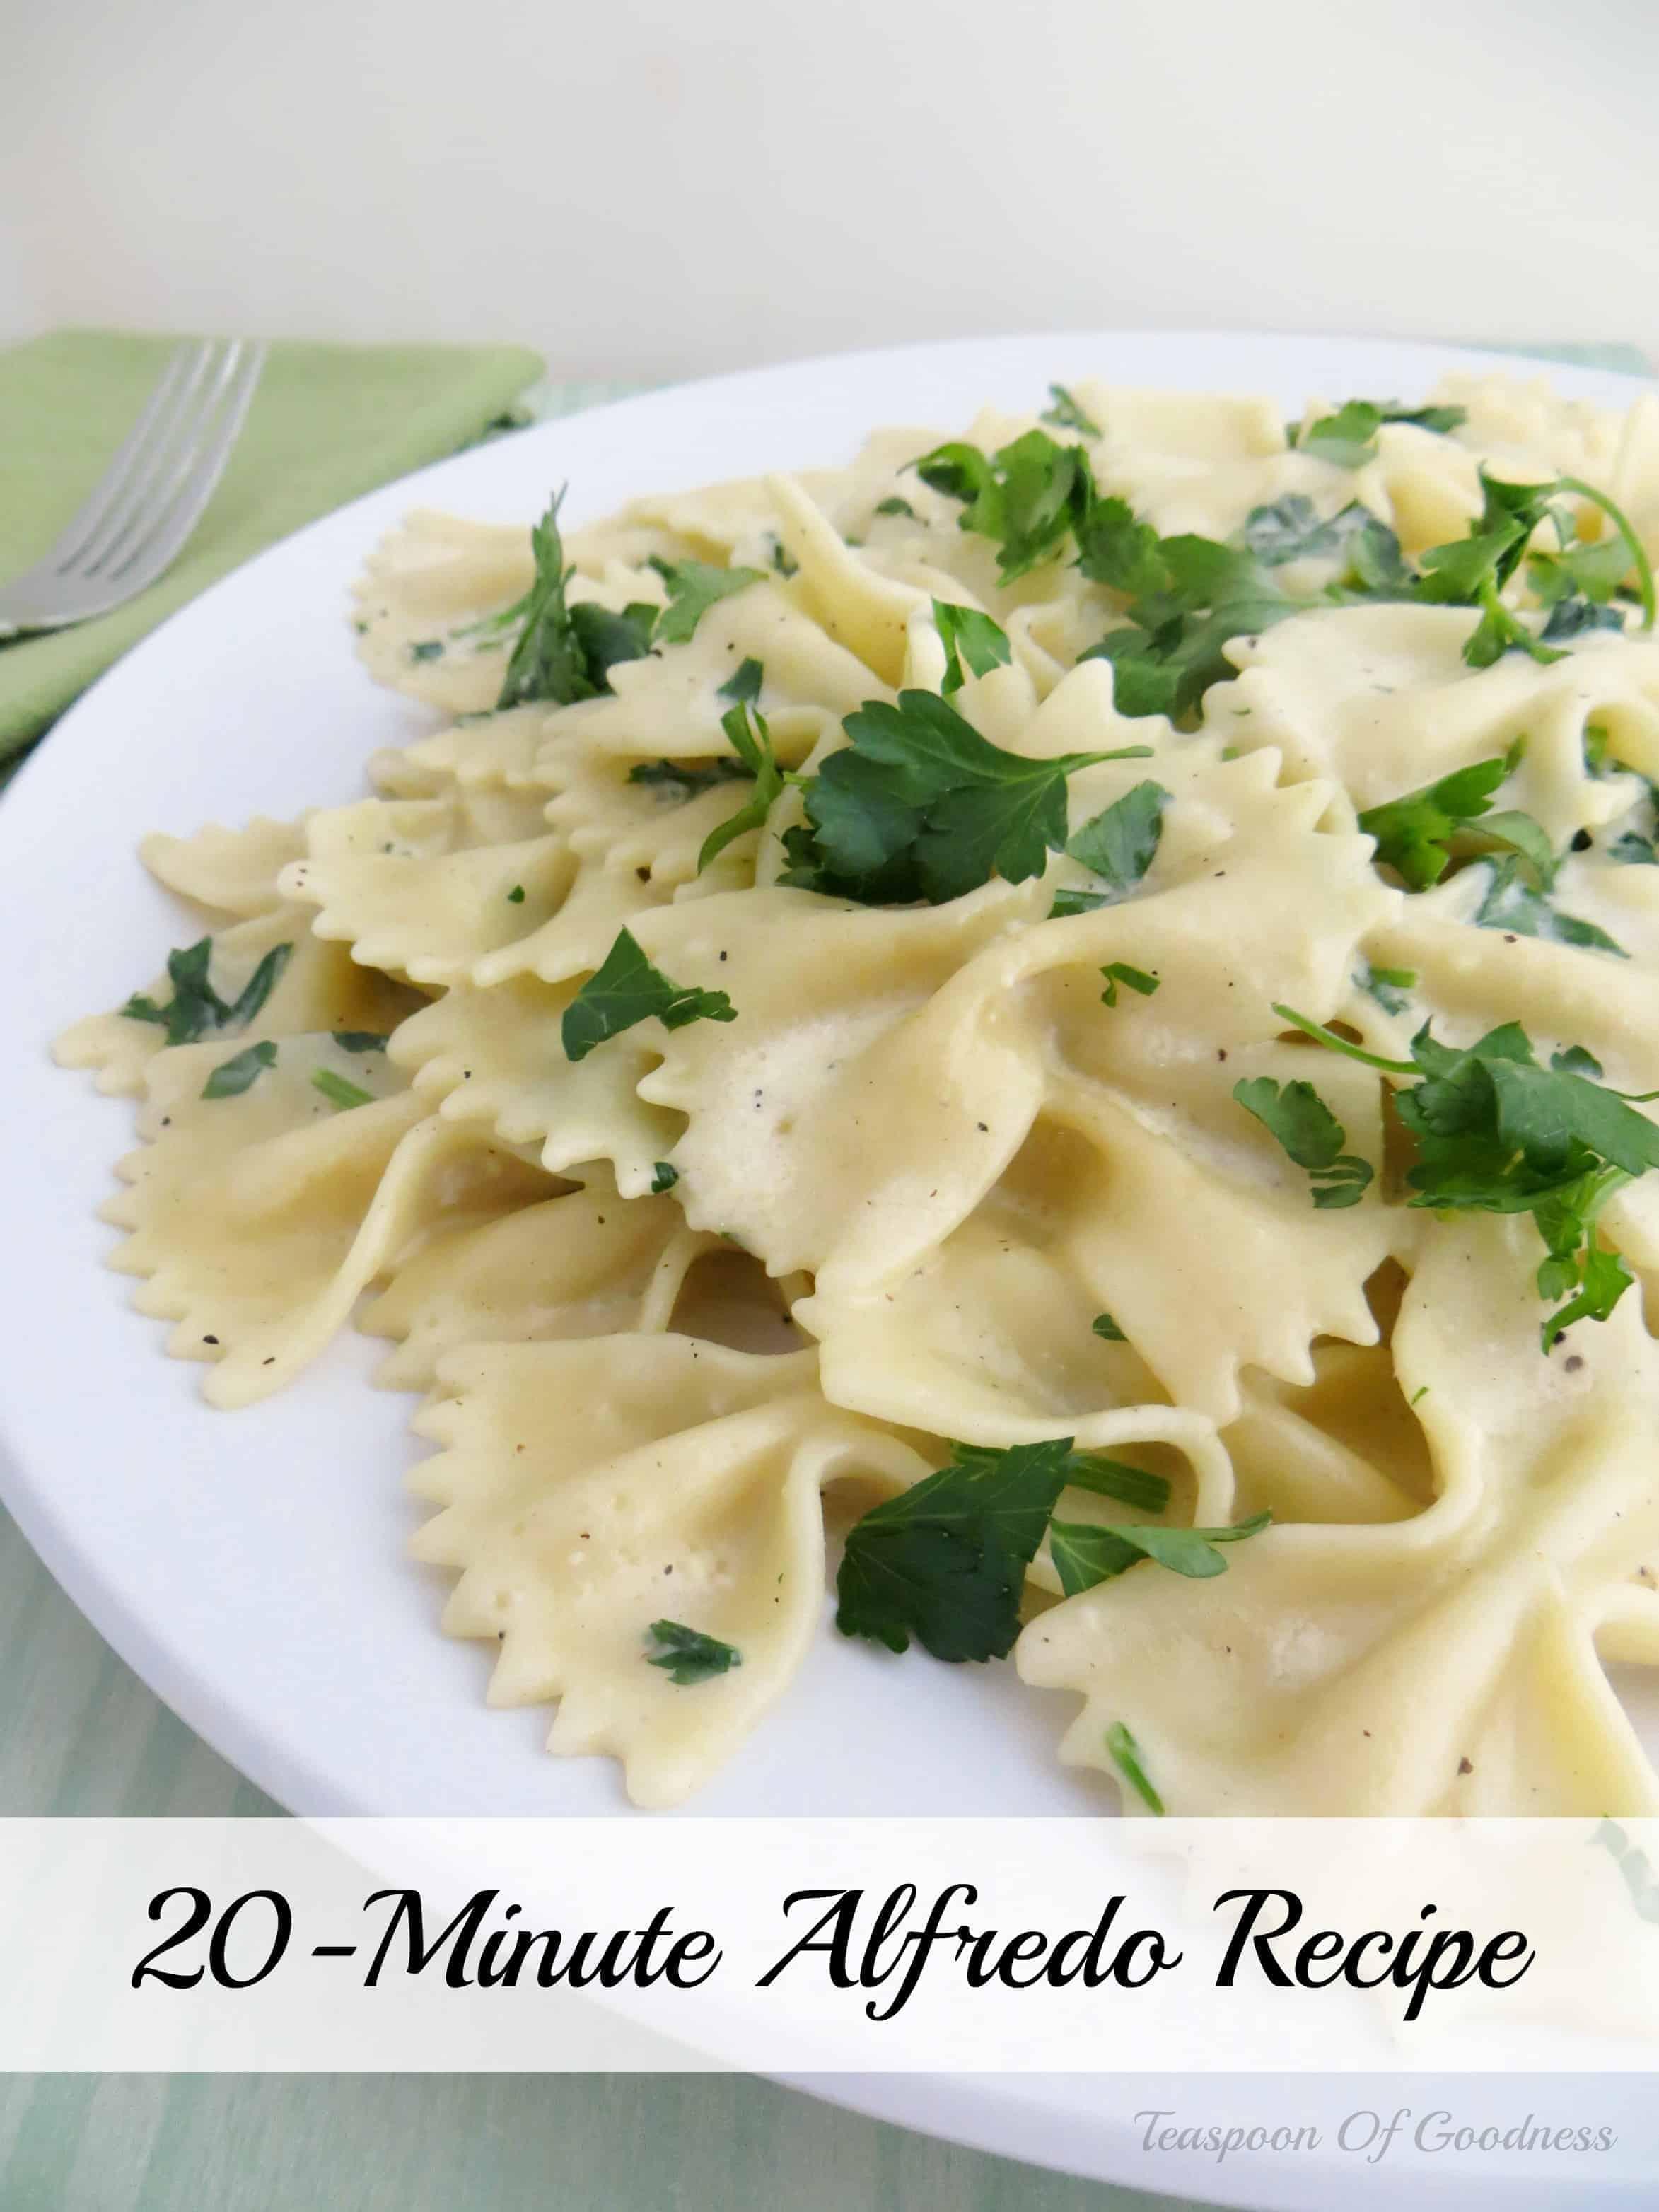 20-Minute Bow Tie Alfredo Pasta Recipe